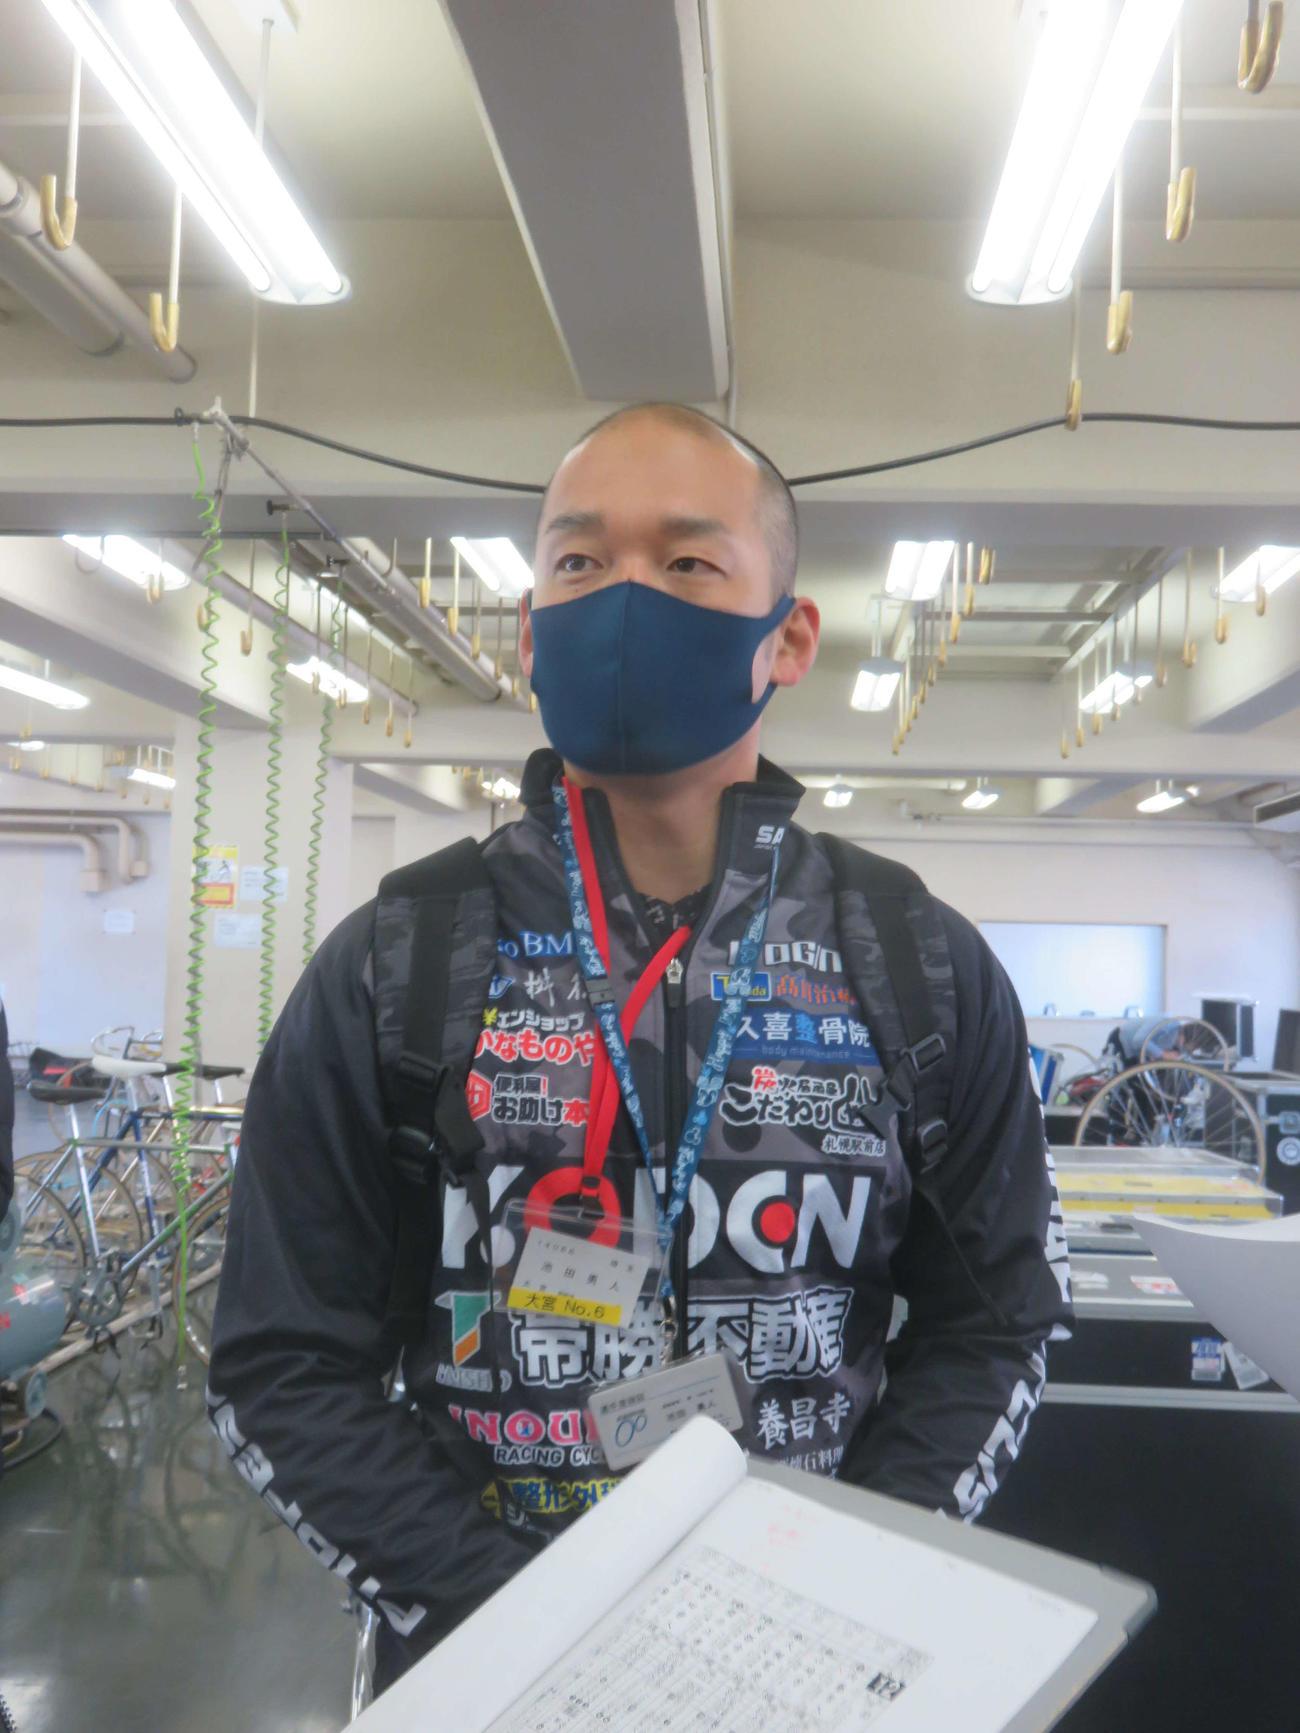 池田勇人が地元でけがからの復帰戦に挑む